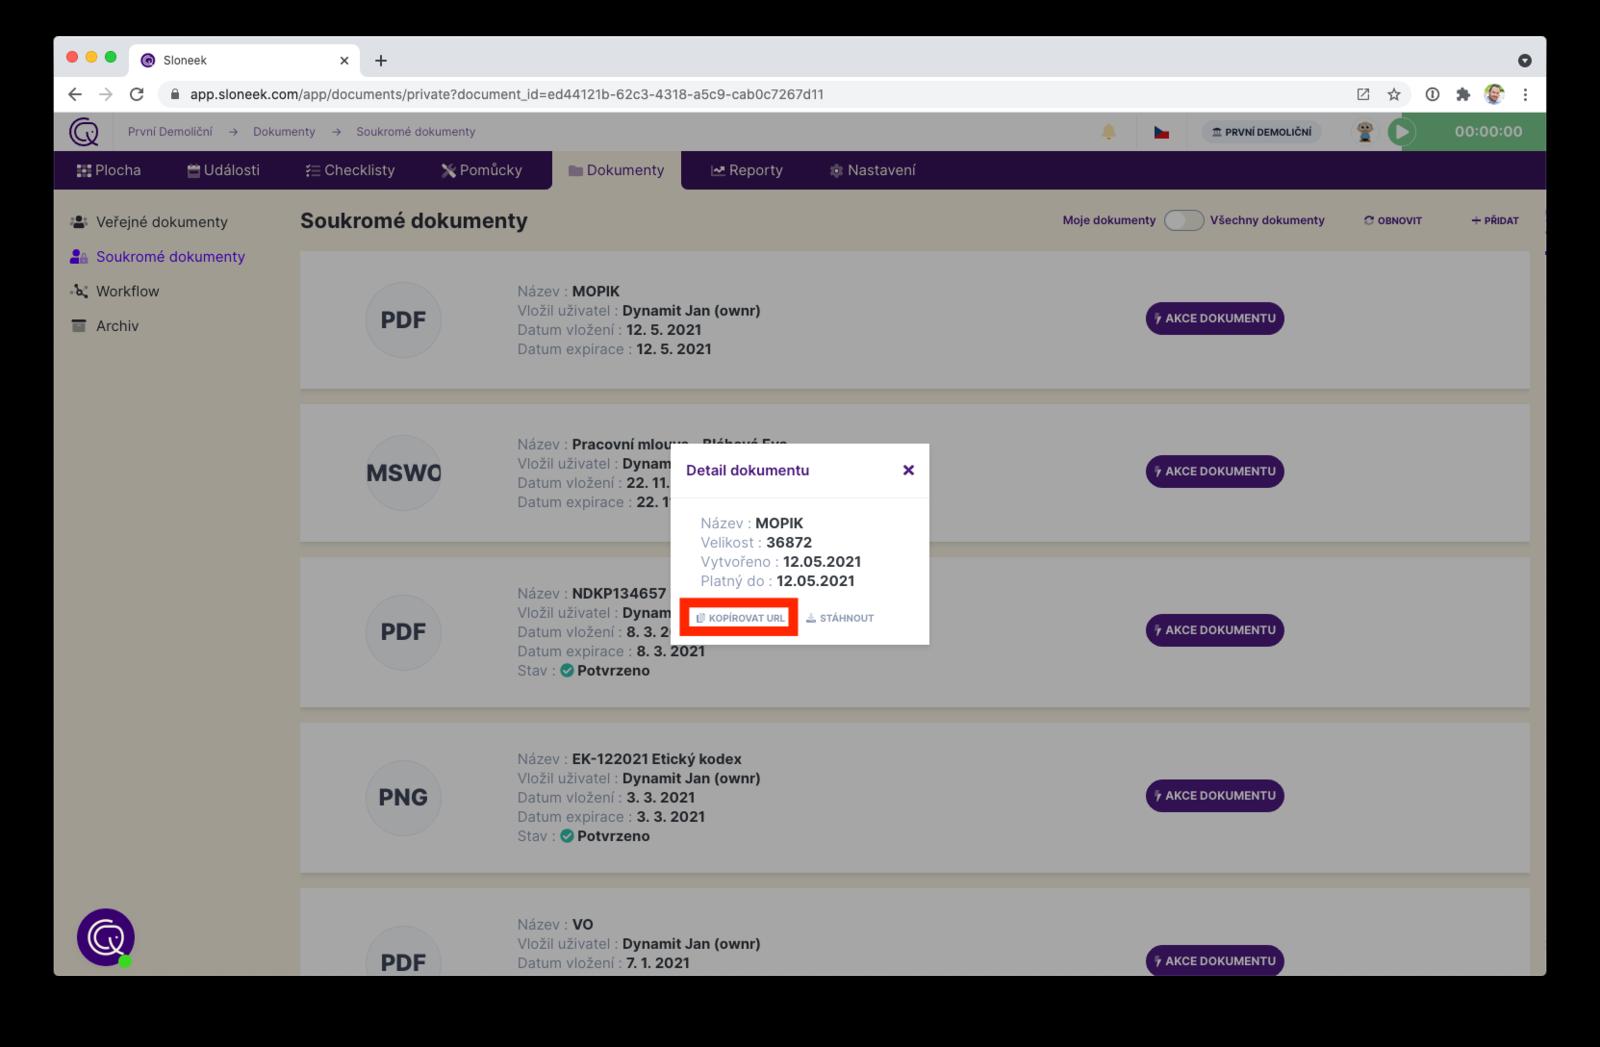 Kopírování URL dokumentu